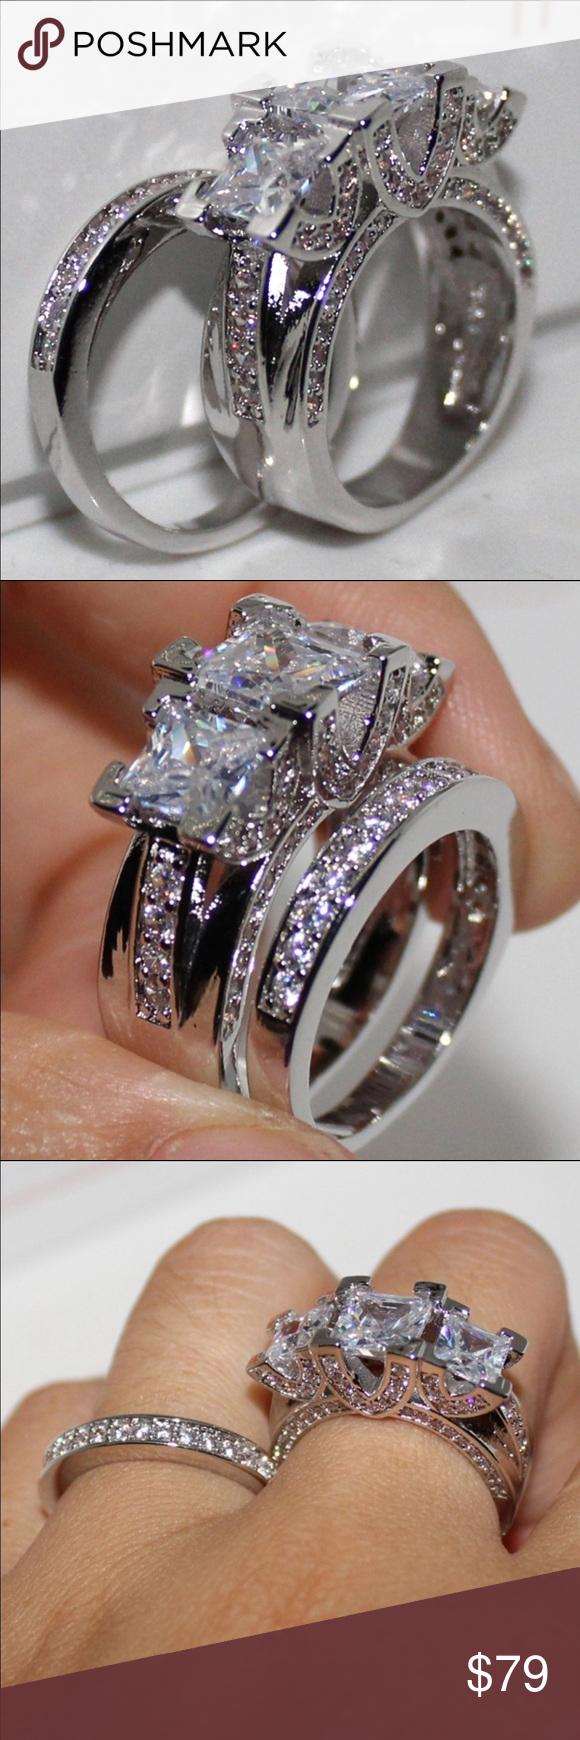 New 18k white gold wedding ring set Brand new 18 k white